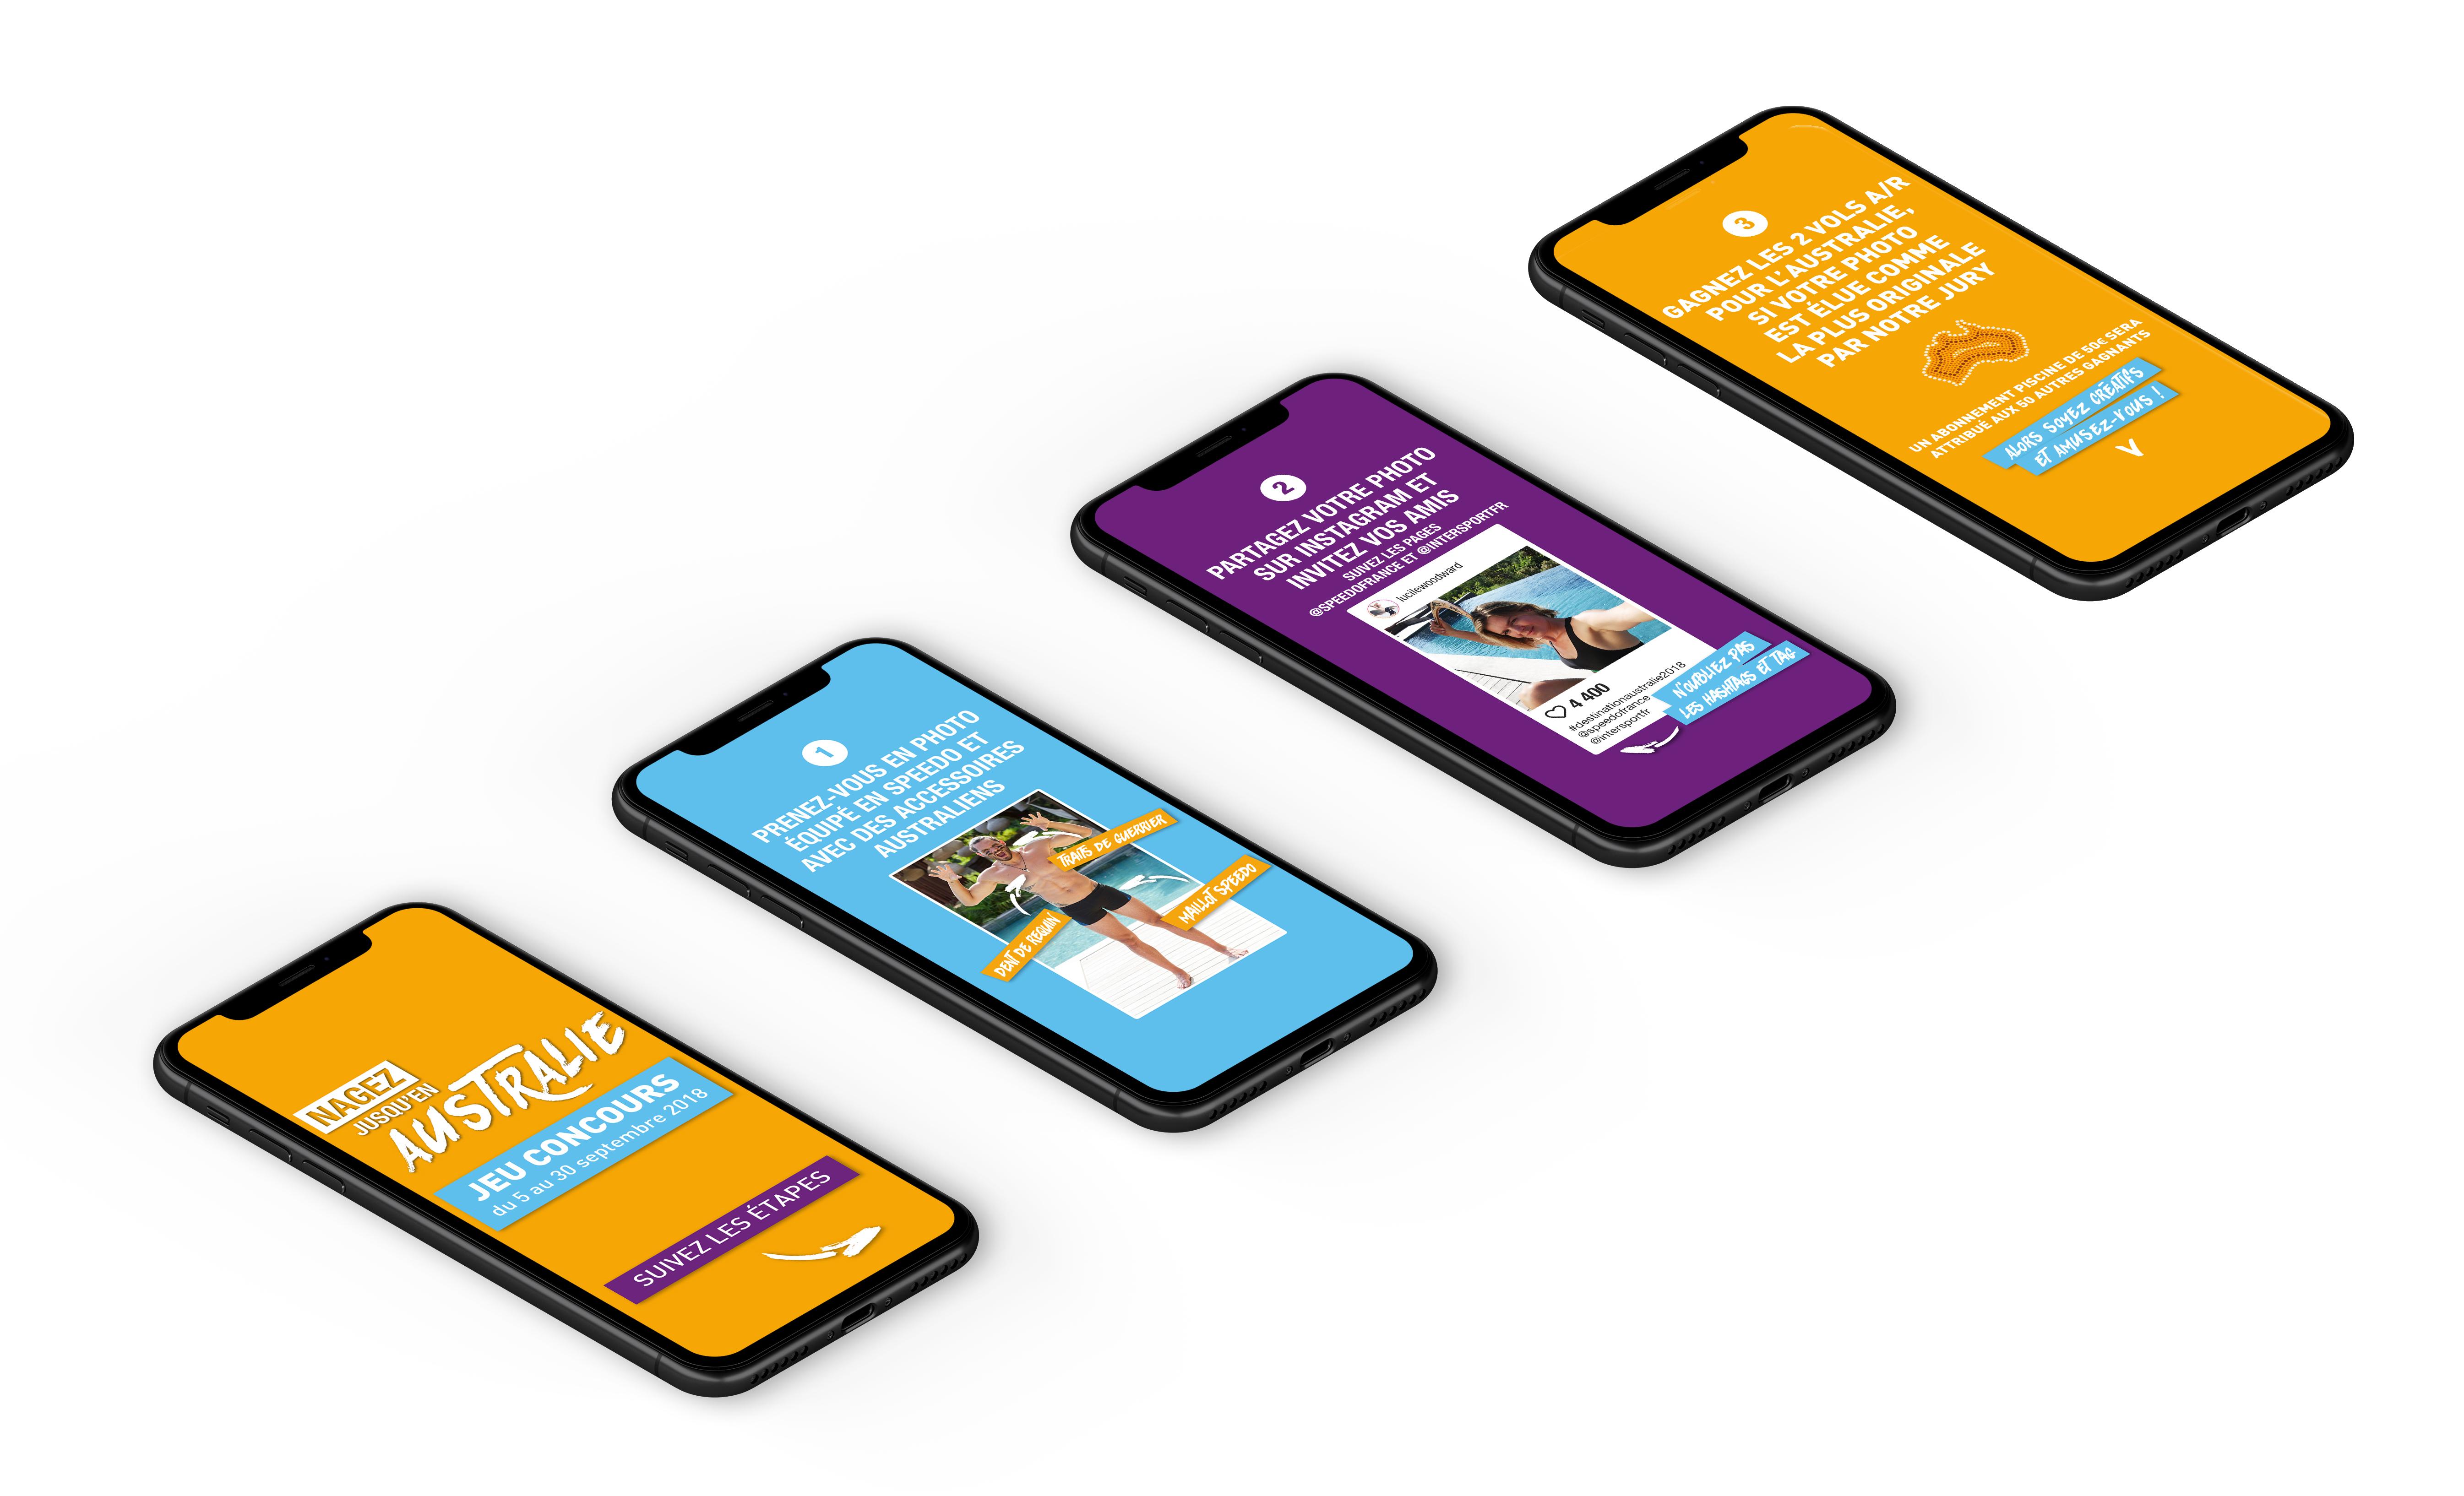 """Création de stories pour les réseaux sociaux, campagne d'activation des ventes multi-produits Speedo, """"Nagez jusqu'en Australie"""", trade marketing réalisé par l'agence de communication et création digitale Siouxe, à Paris."""